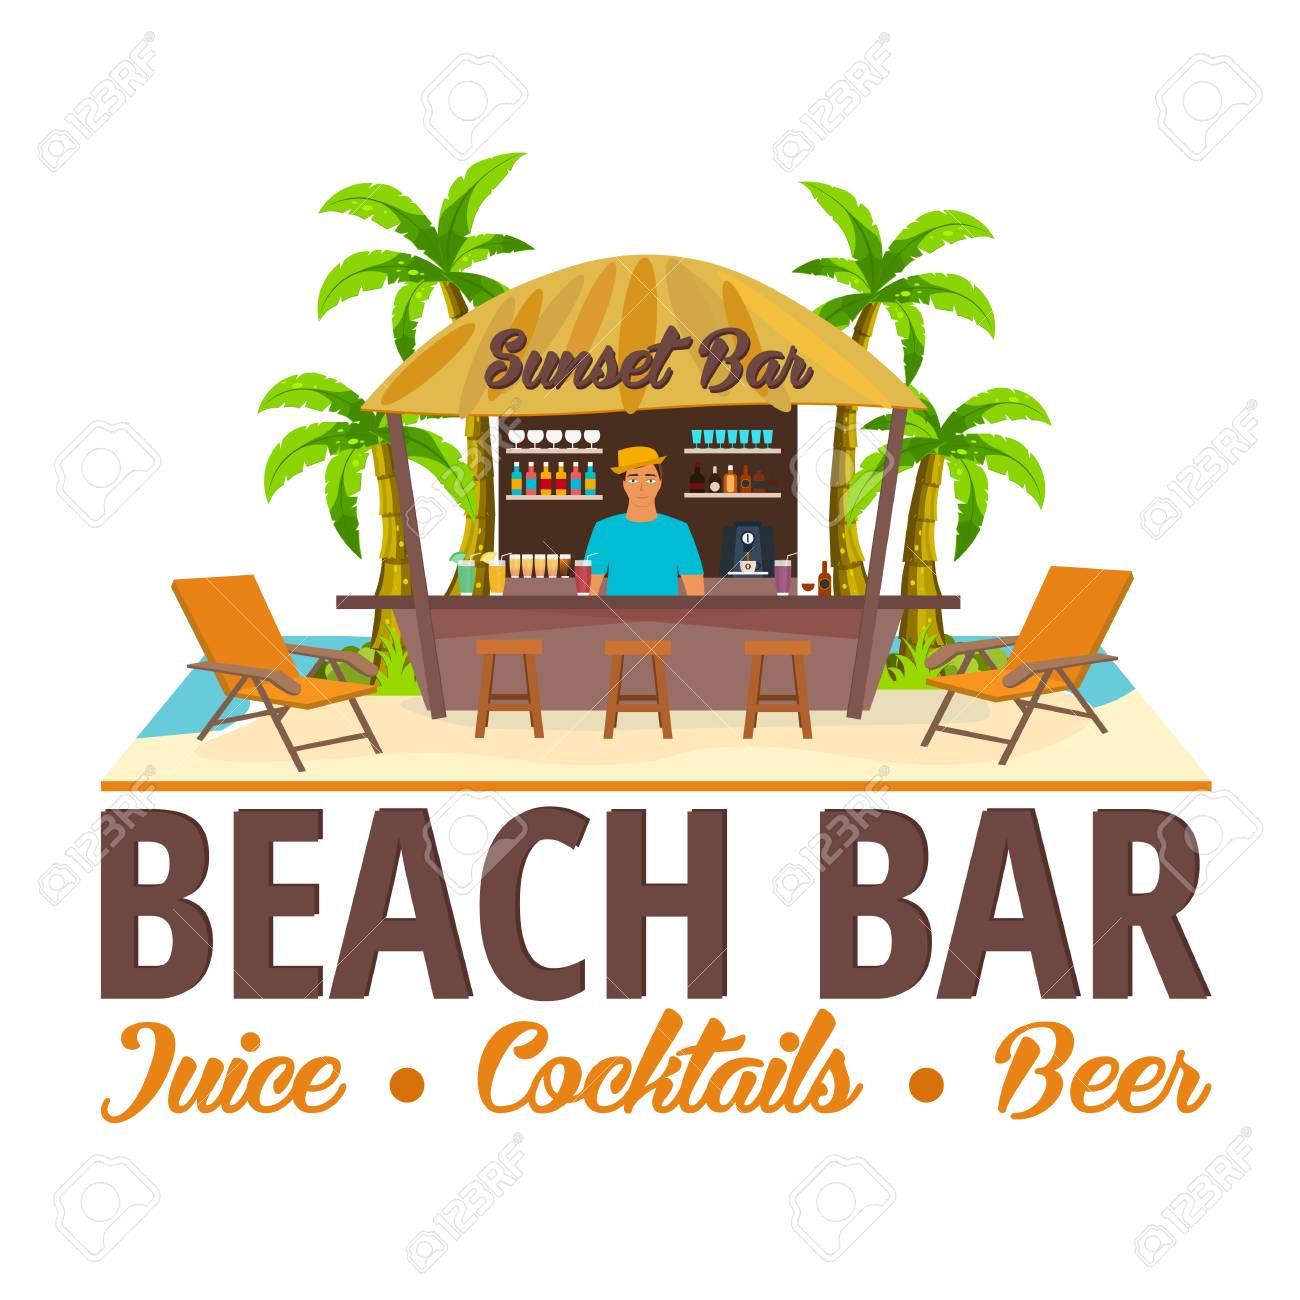 Té Bar De Plage Voyager Jus Cocktails De La Bière Chaise Longue Vector Illustration